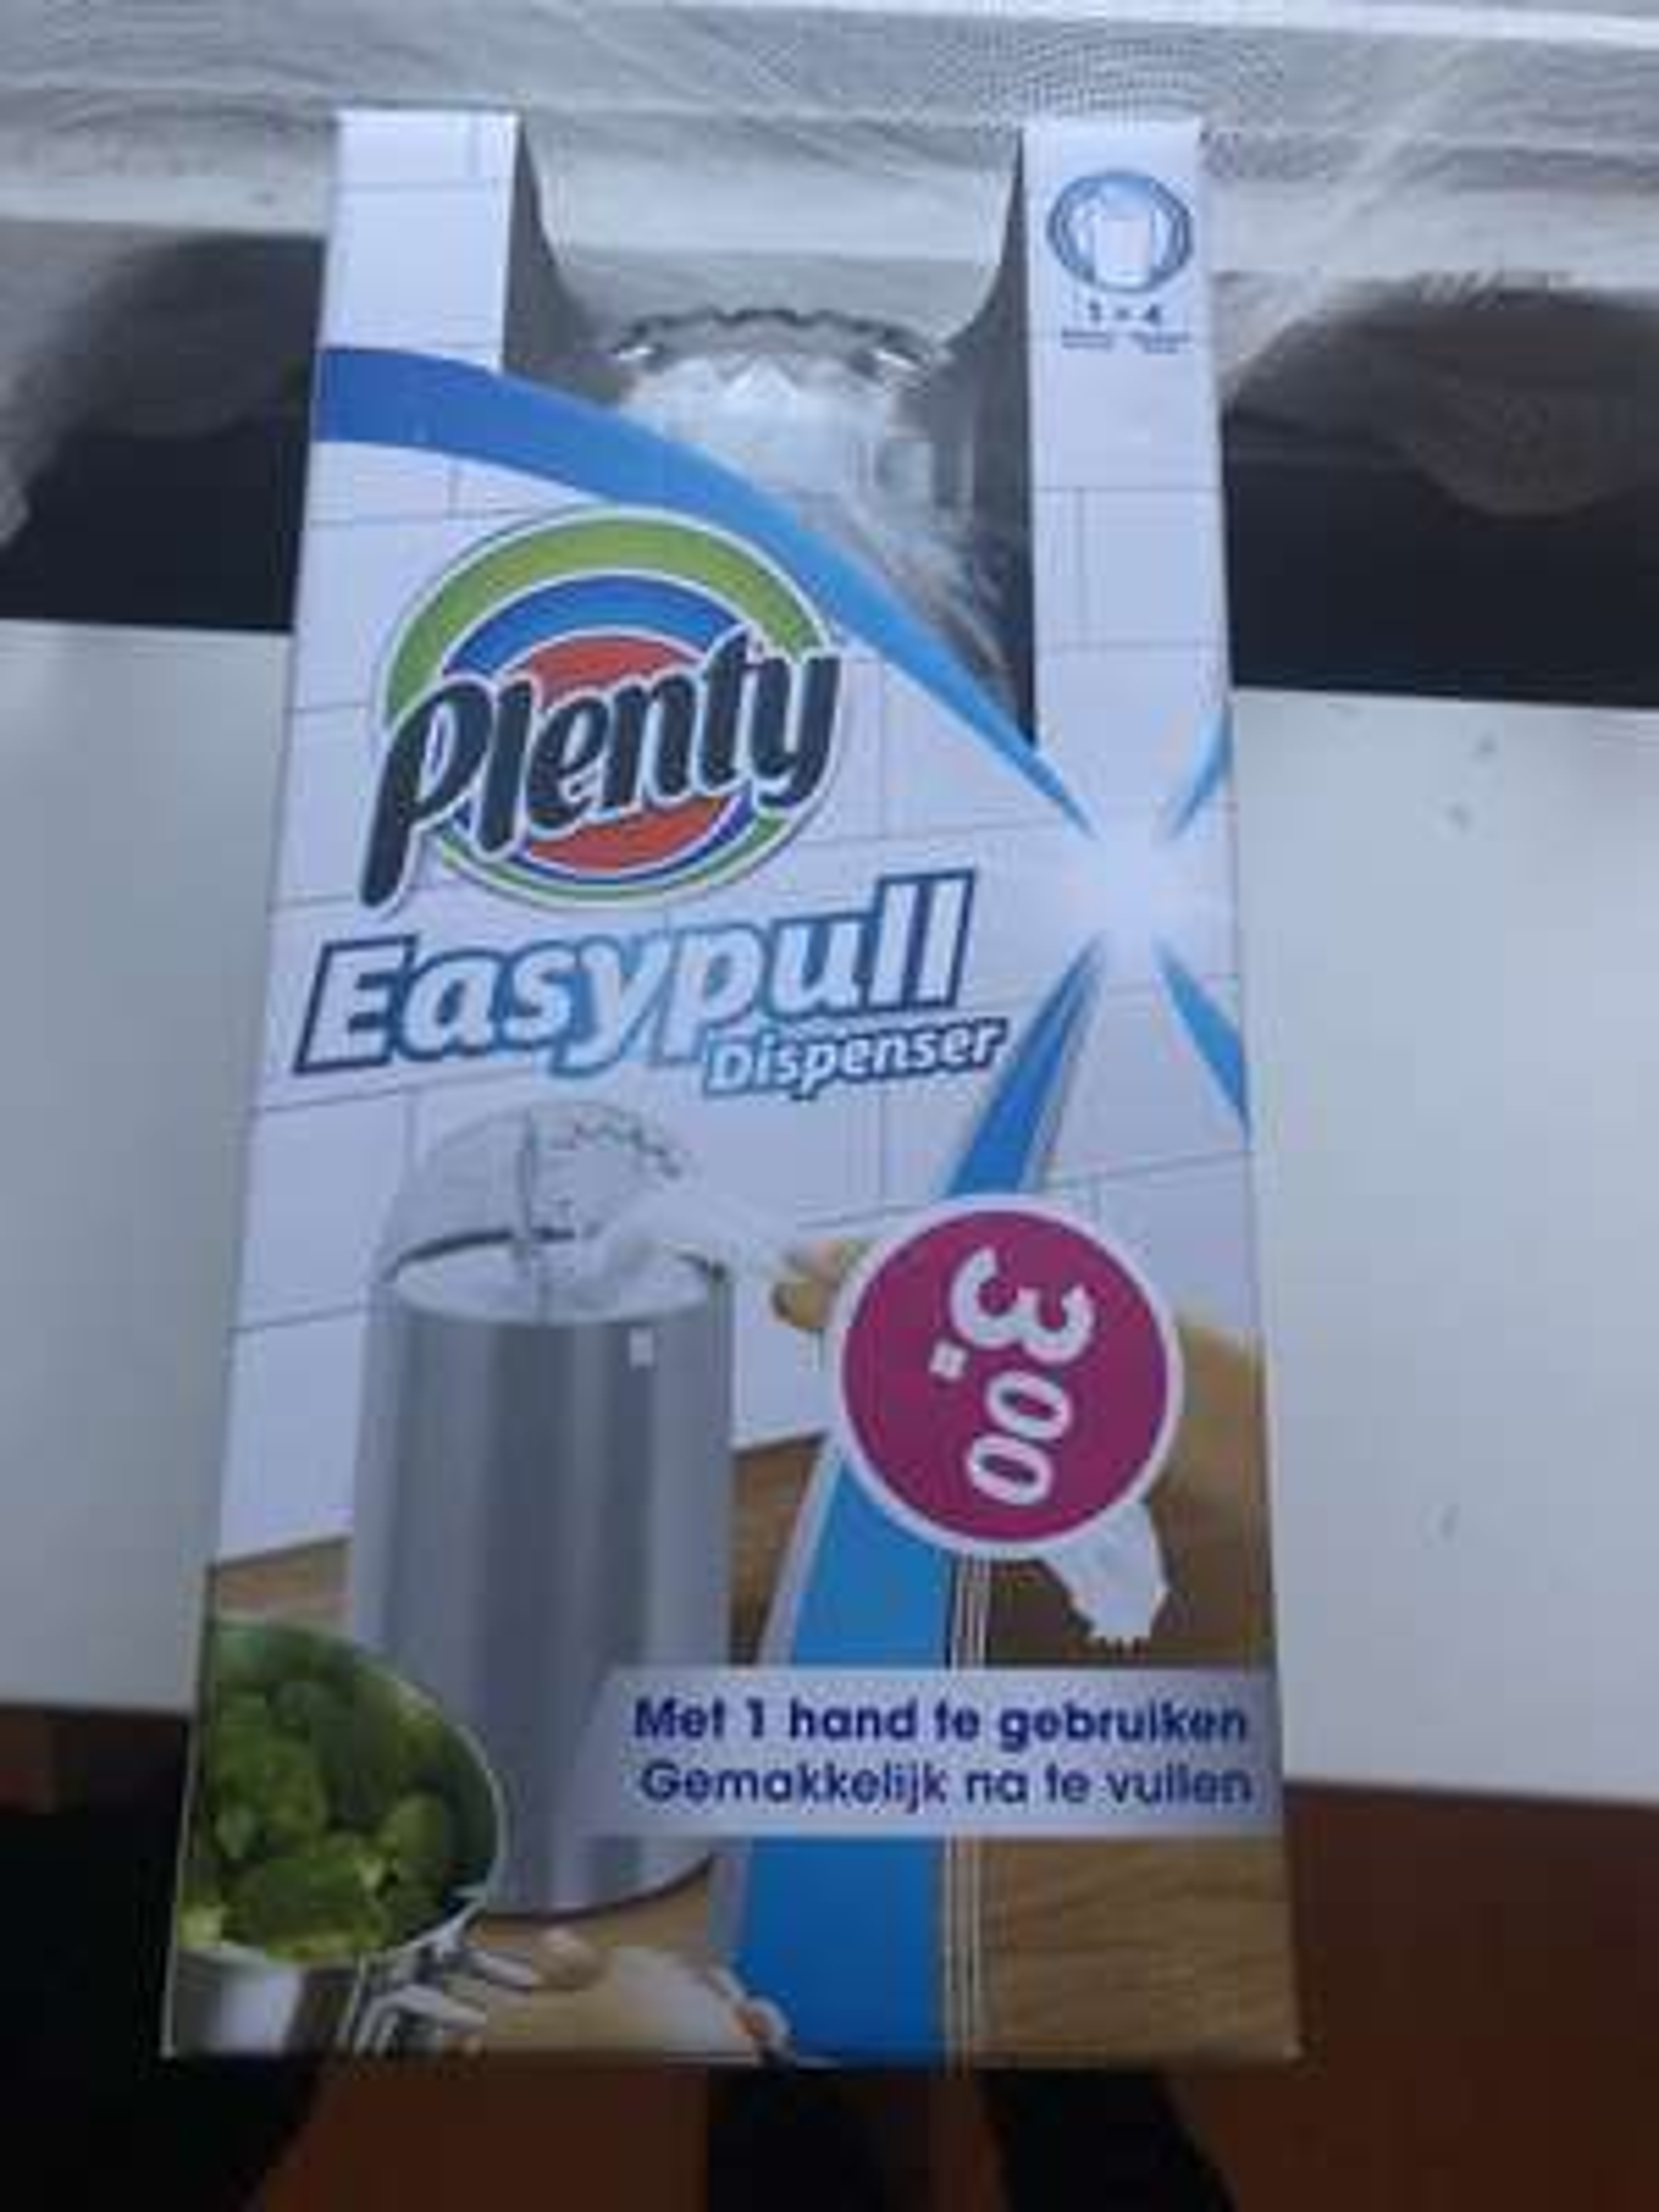 [Lokaal] Plenty Easypull Dispenser bij AH voor€3,00